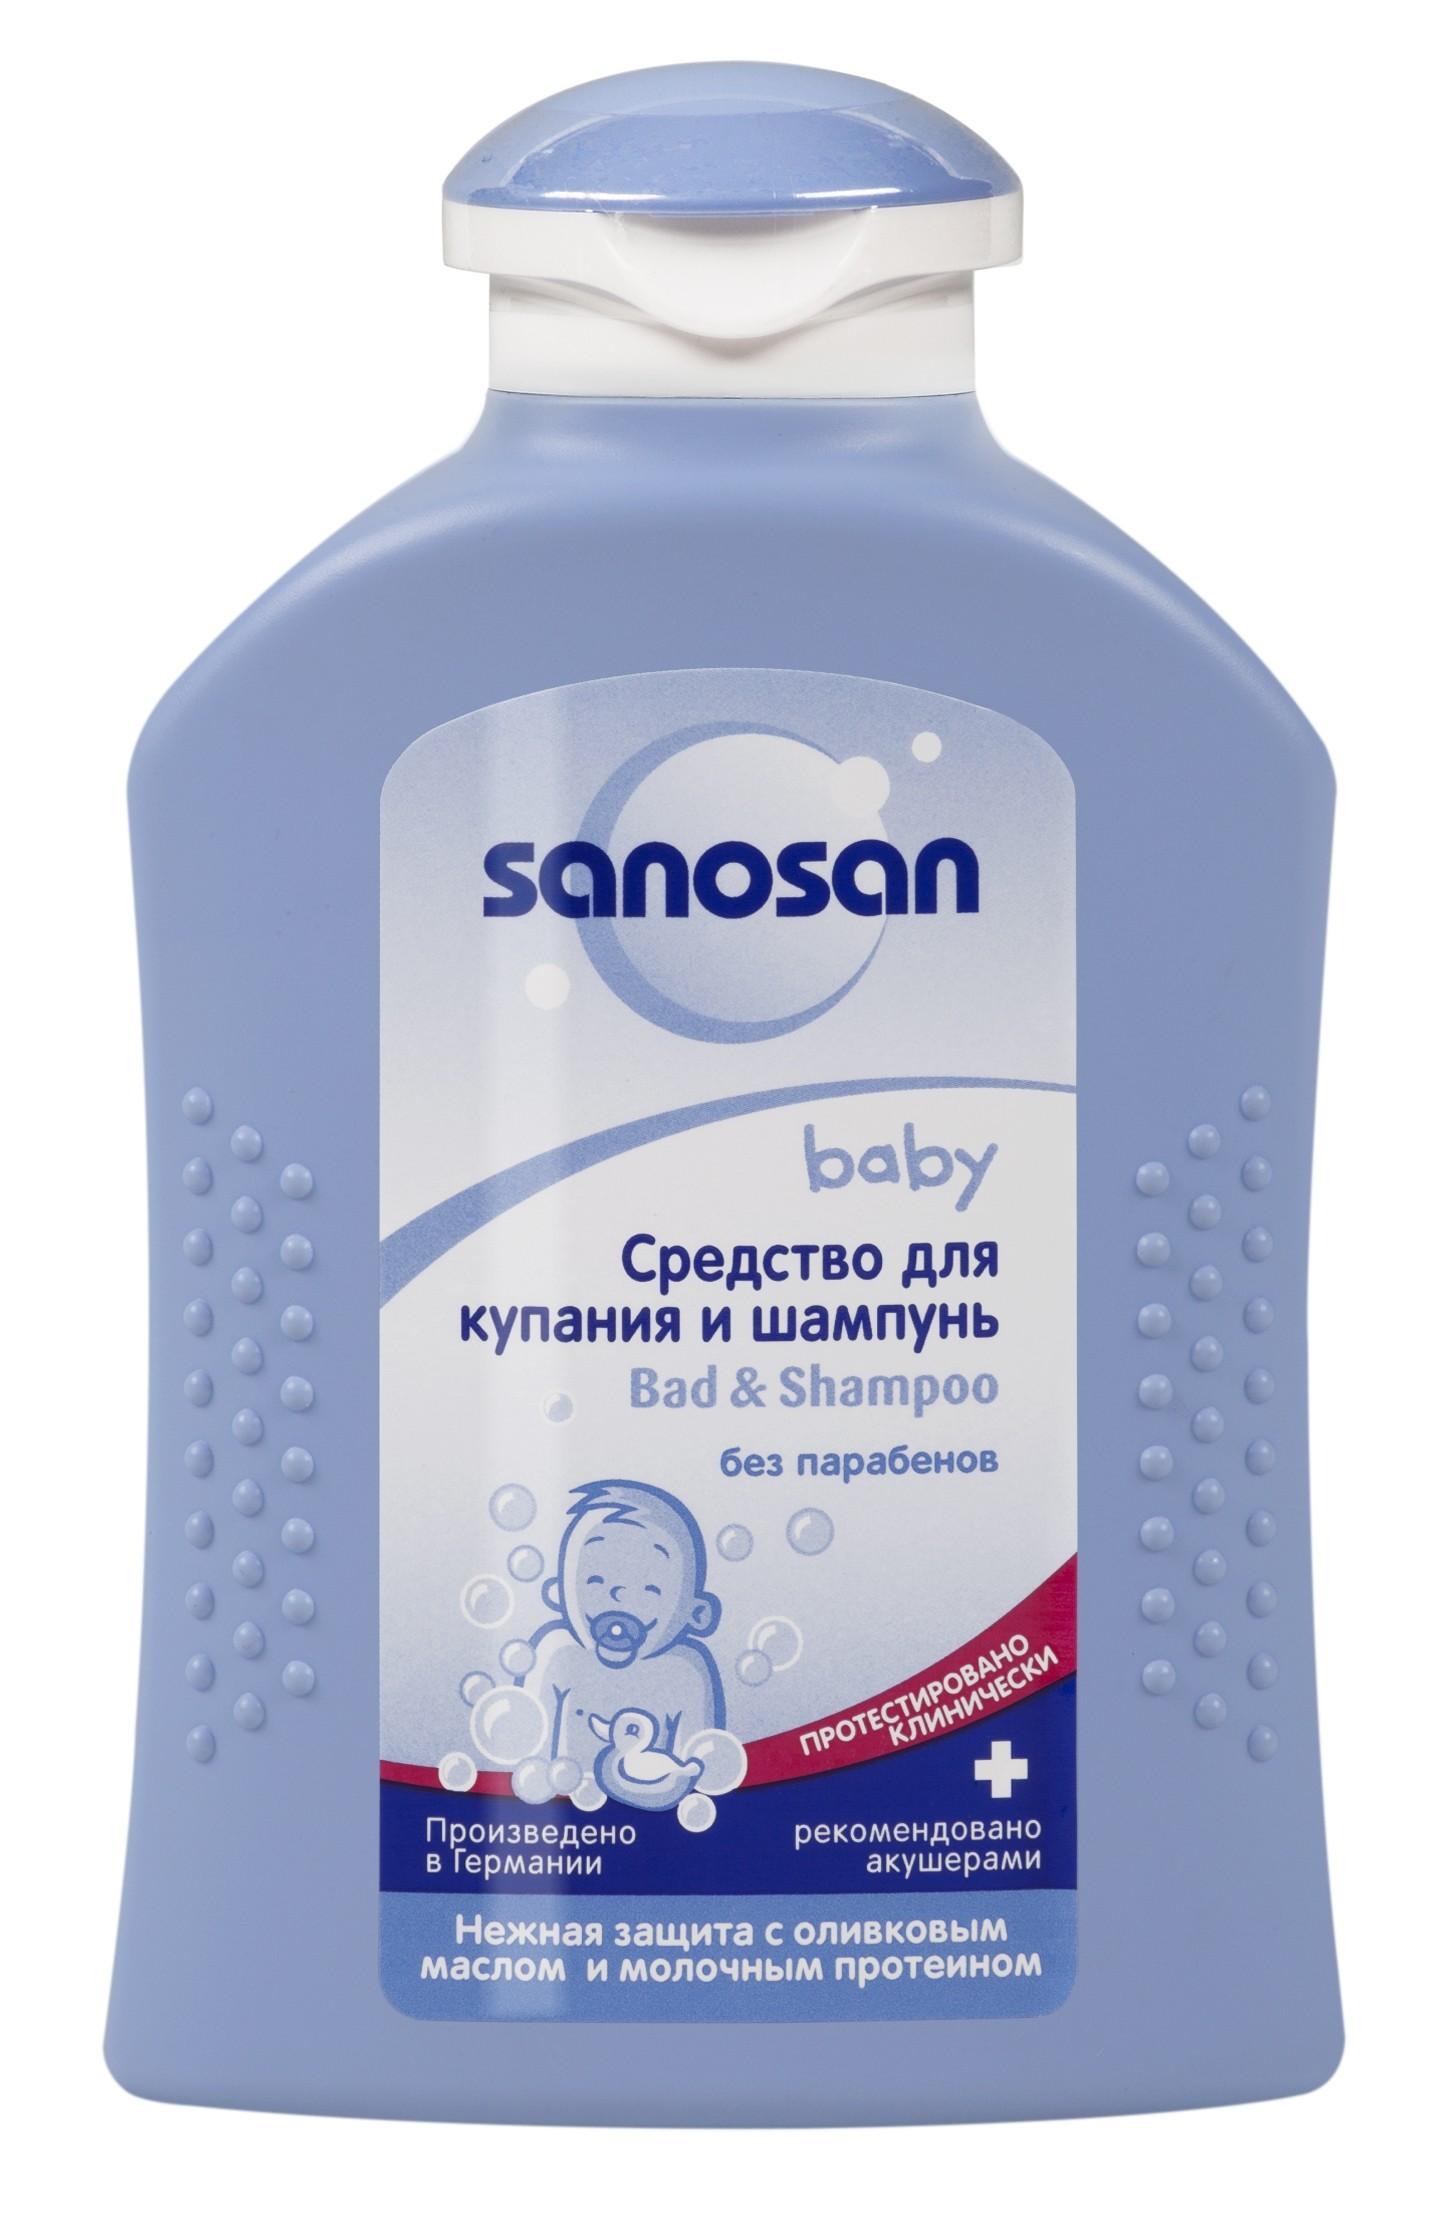 Средство для купания и шампунь Sanosan 200 мл